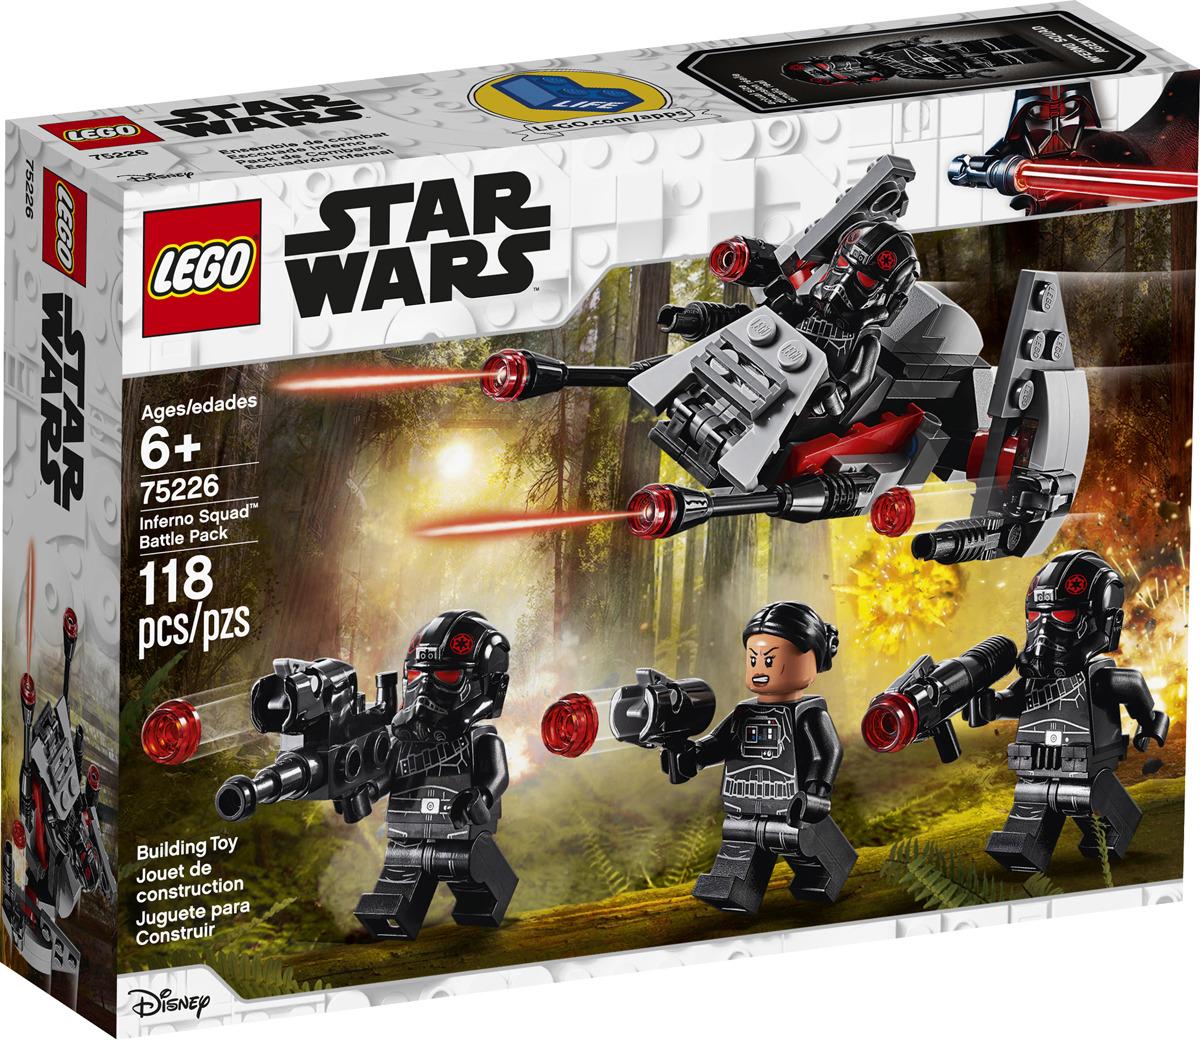 LEGO Star Wars 75226 Боевой набор отряда Инферно Конструктор конструктор lego star wars 75226 боевой набор отряда инферно